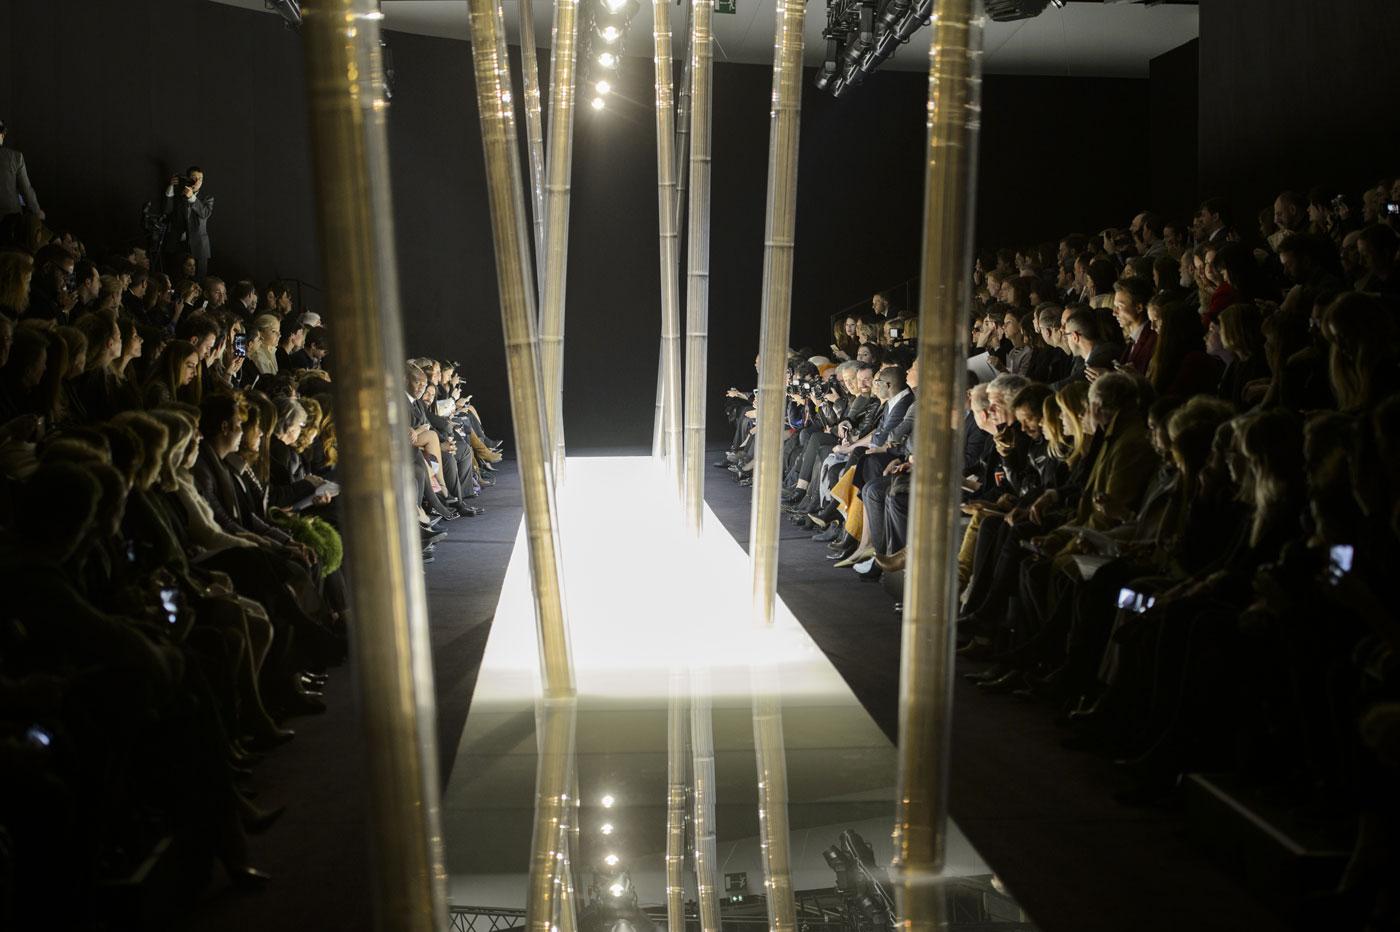 Giorgio-armani-Prive-fashion-runway-show-haute-couture-paris-spring-2015-the-impression-001